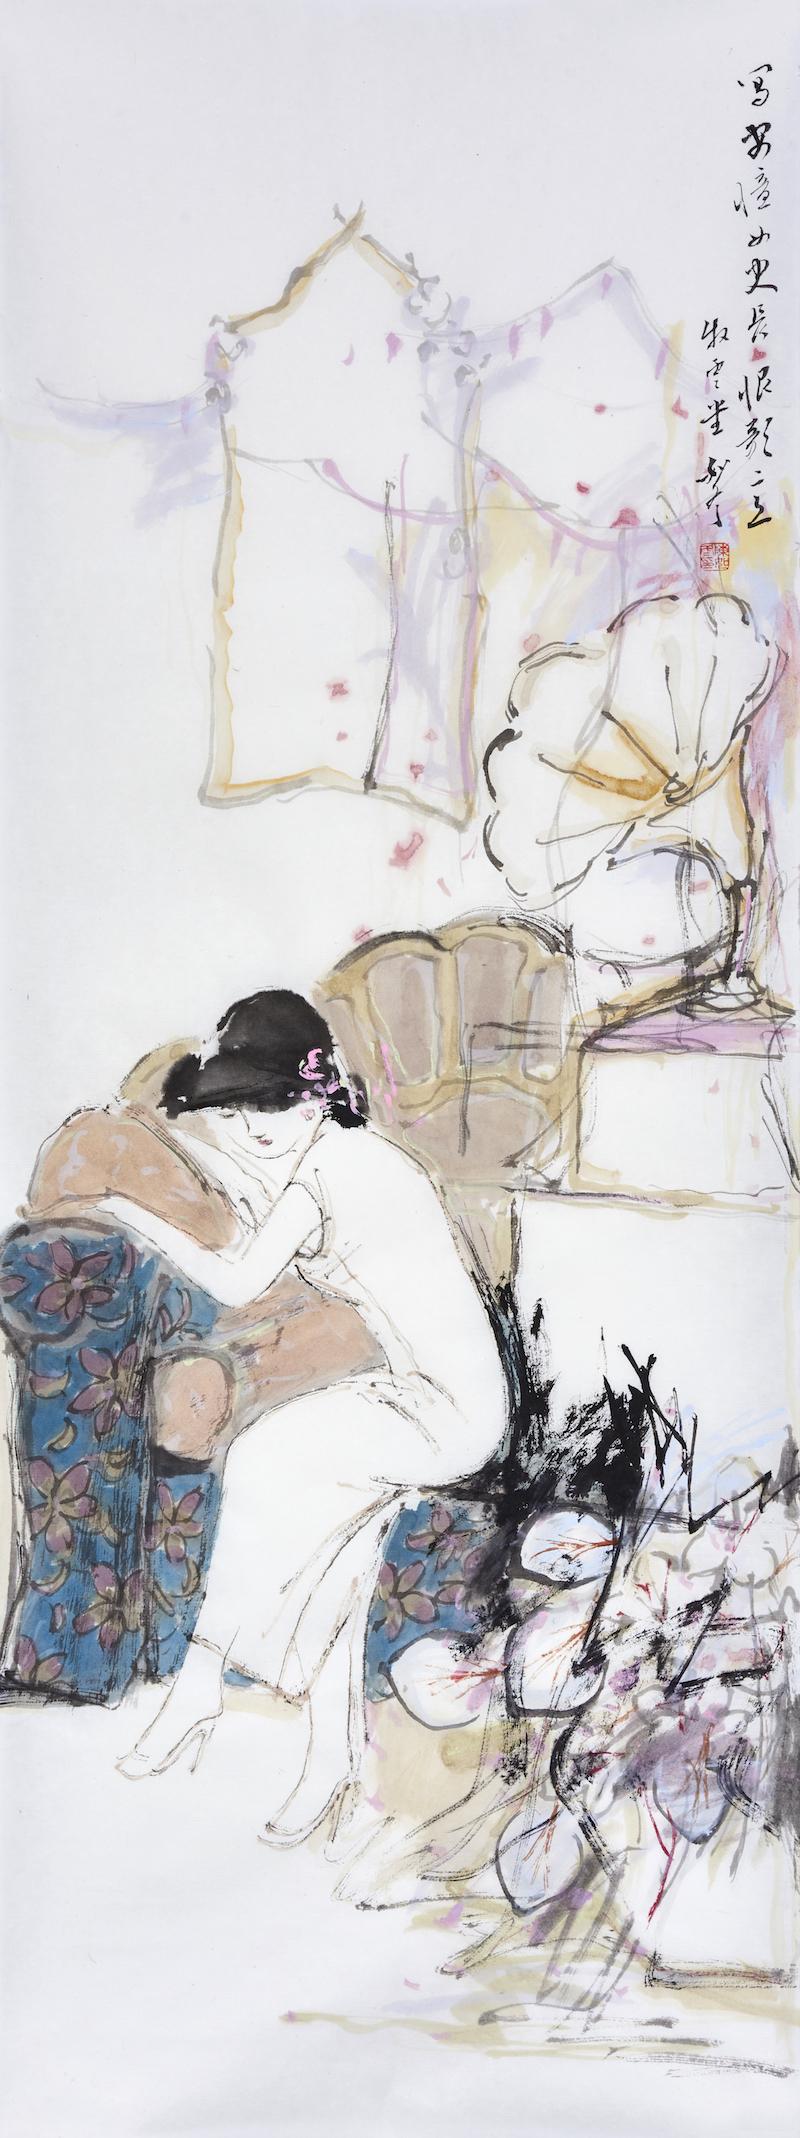 陈如冬,王安忆《长恨歌》画意,69x26cm,纸本设色,2021年